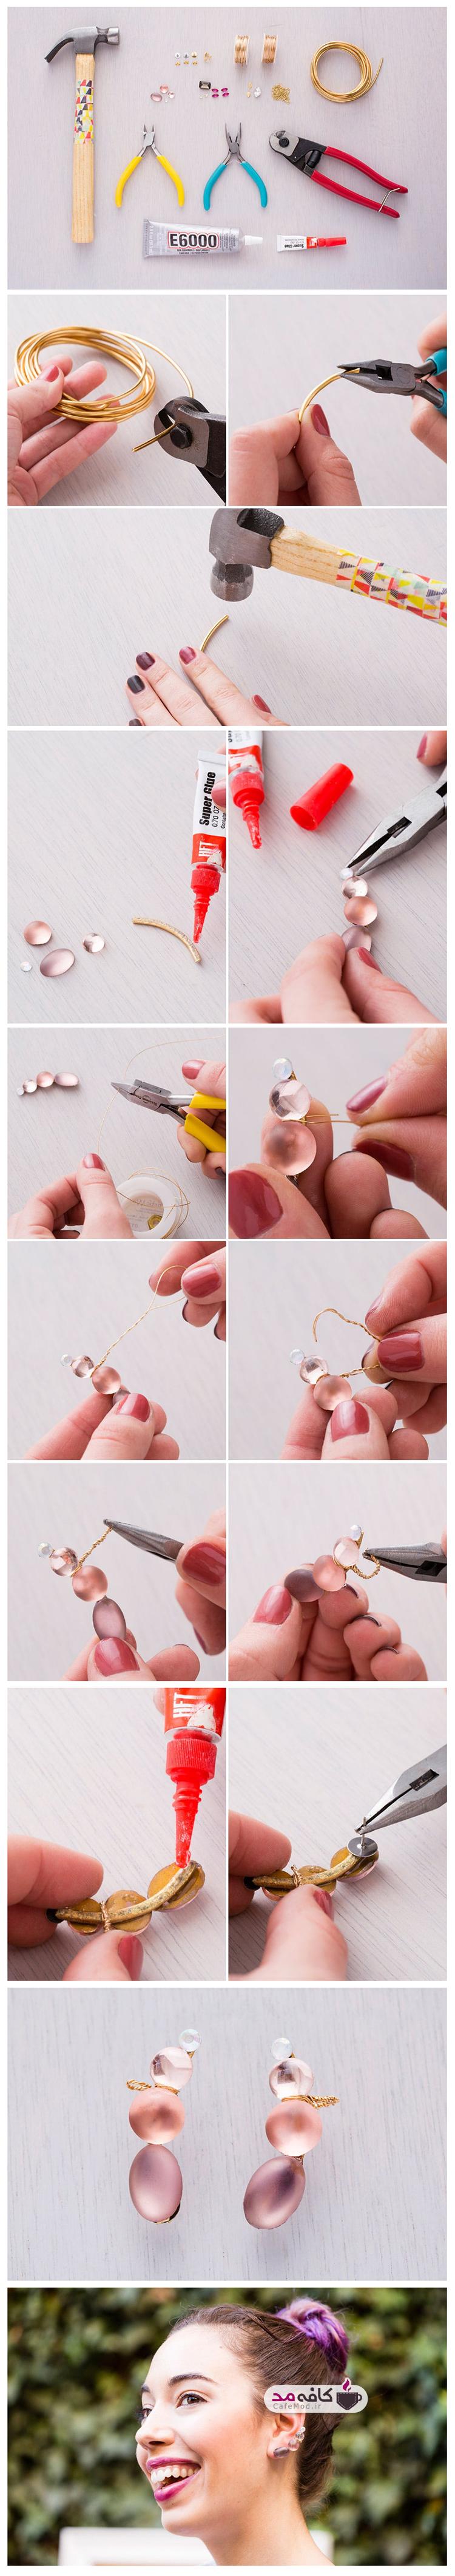 آموزش تصویری درست کردن گوشواره